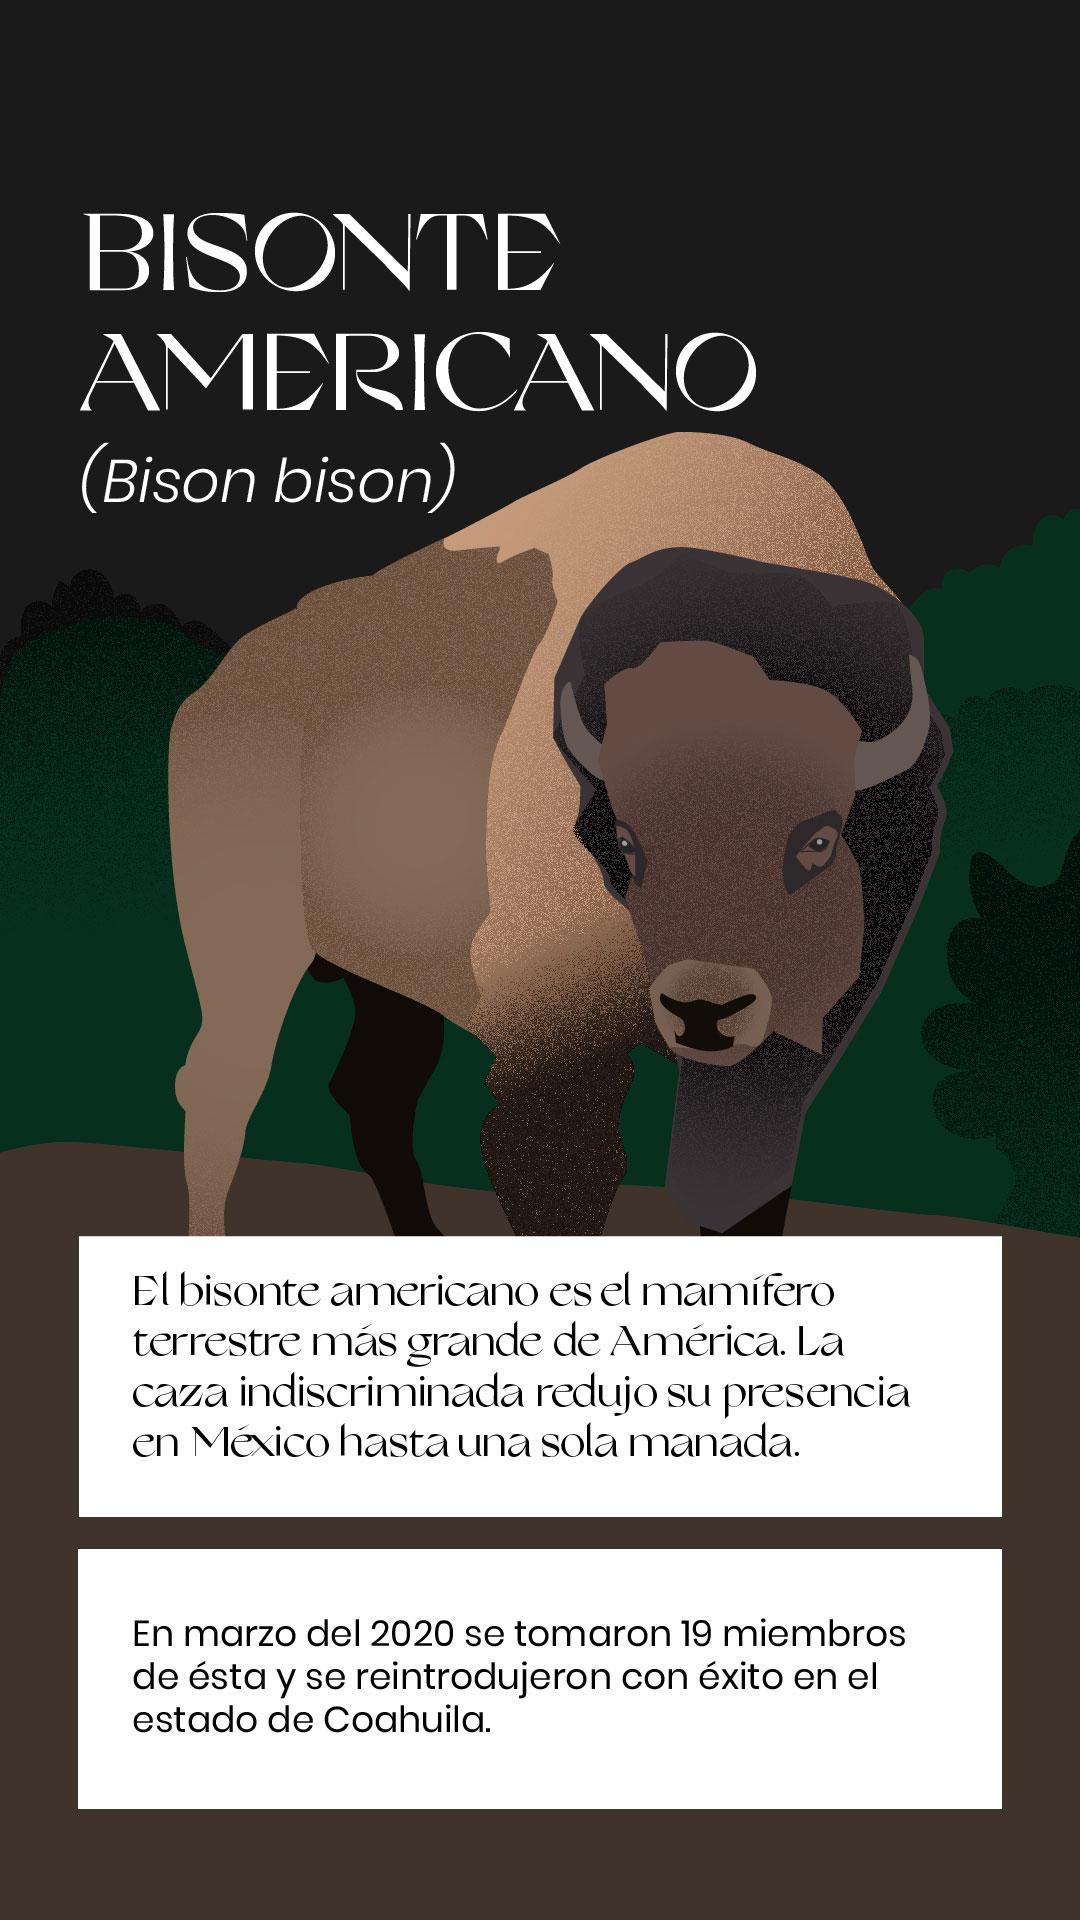 Bisonte americano extinción